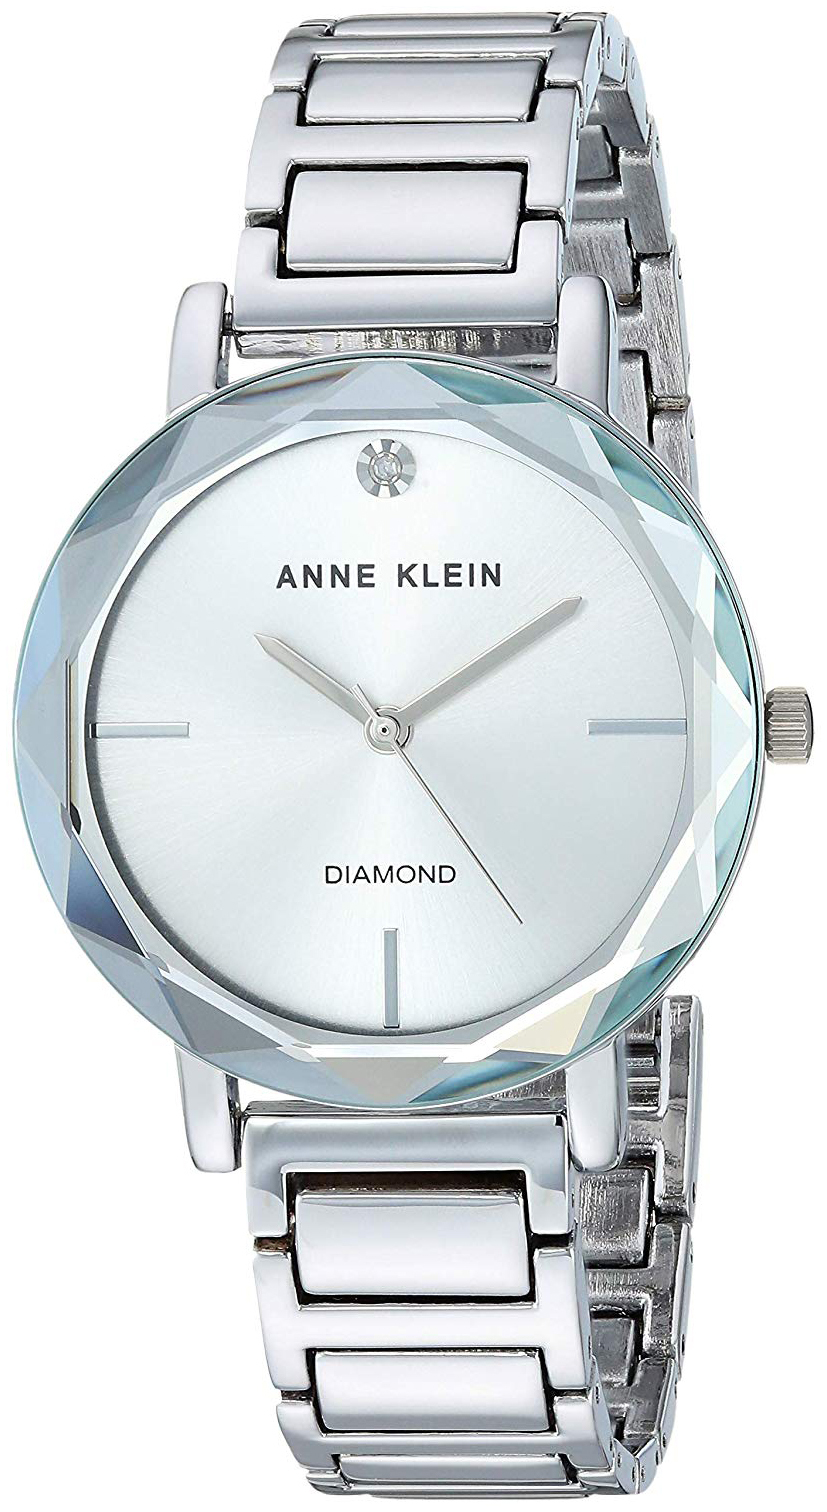 Anne Klein Diamond Dameklokke AK/3279SVSV Sølvfarget/Stål Ø32 mm - Anne Klein